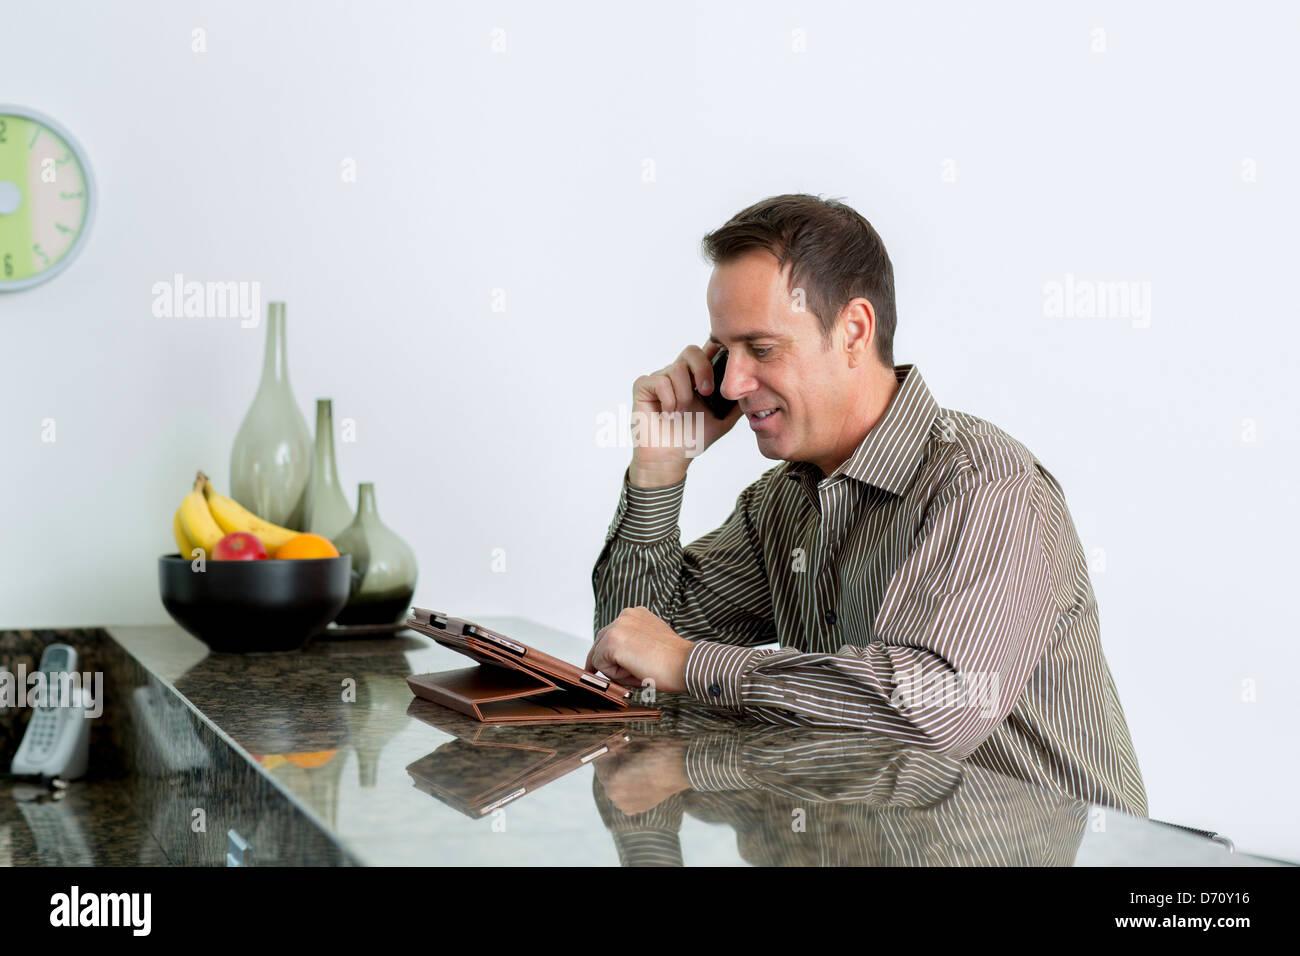 Geschäftsmann am Telefon zu sprechen und mit Blick auf eingebrachten Computer in Küche Stockbild